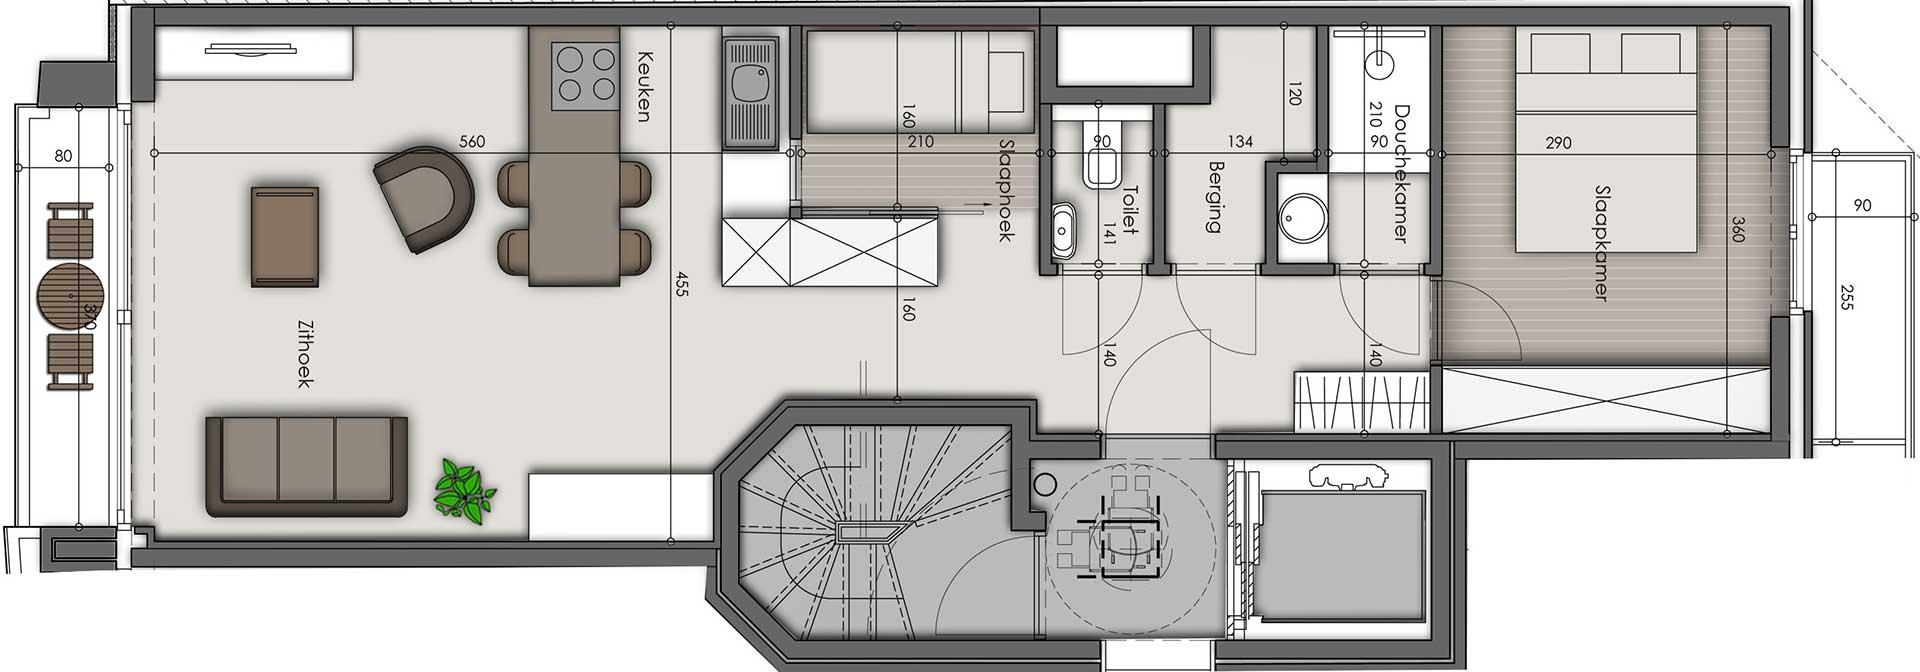 Residentie <br/> Zilverzand - image appartement-te-koop-zilverzand-koksijde-02.01-03.01-04.01-05.01 on https://hoprom.be